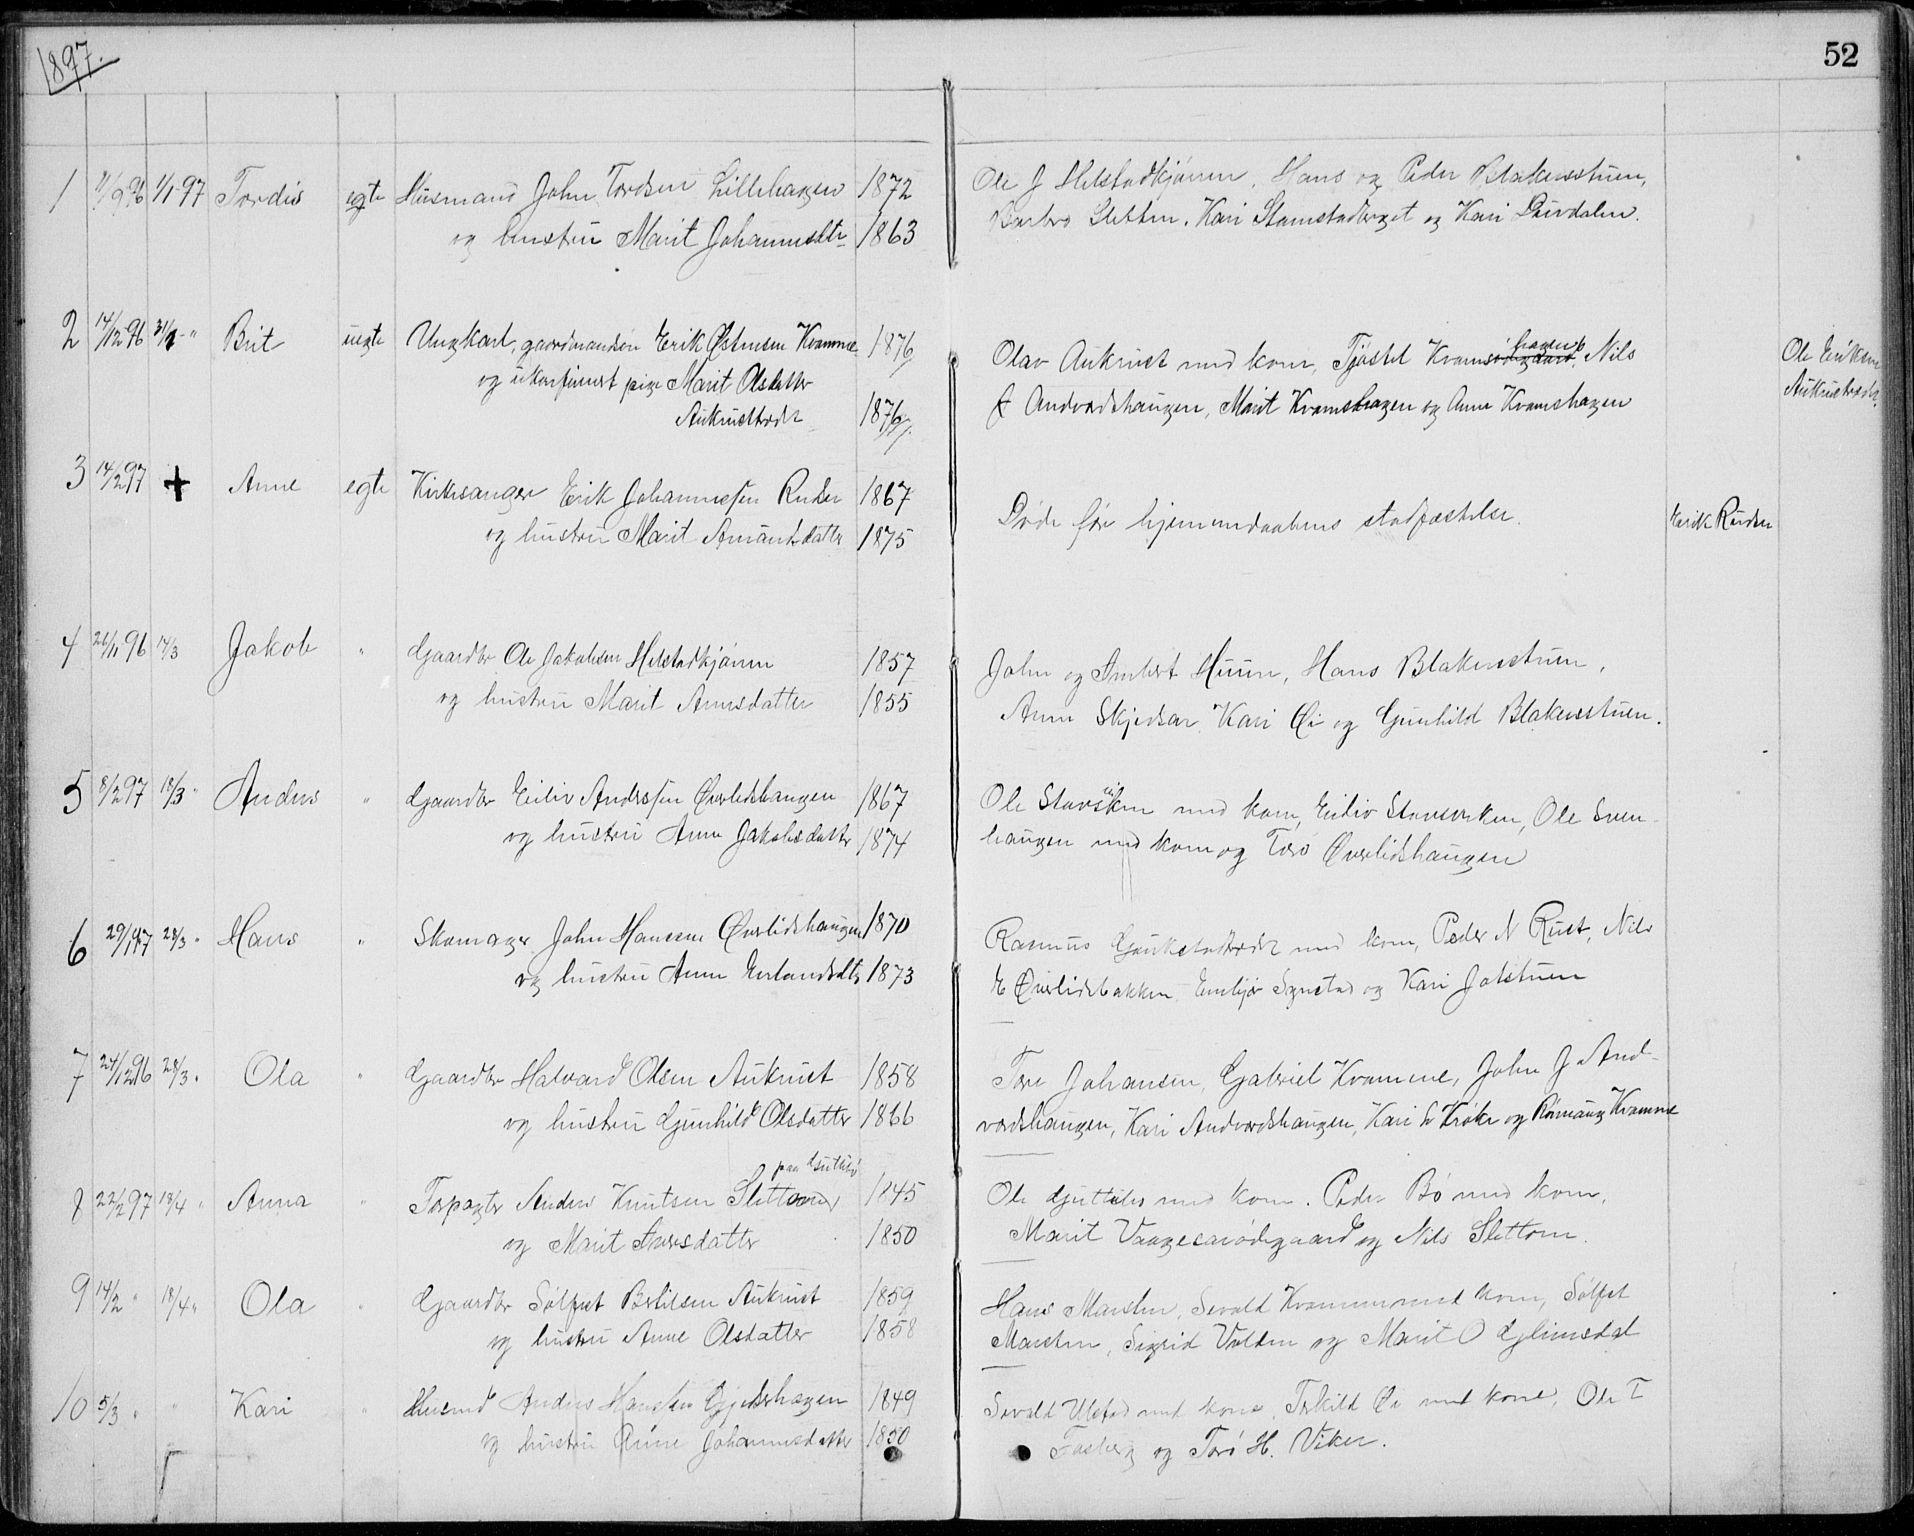 SAH, Lom prestekontor, L/L0013: Klokkerbok nr. 13, 1874-1938, s. 52